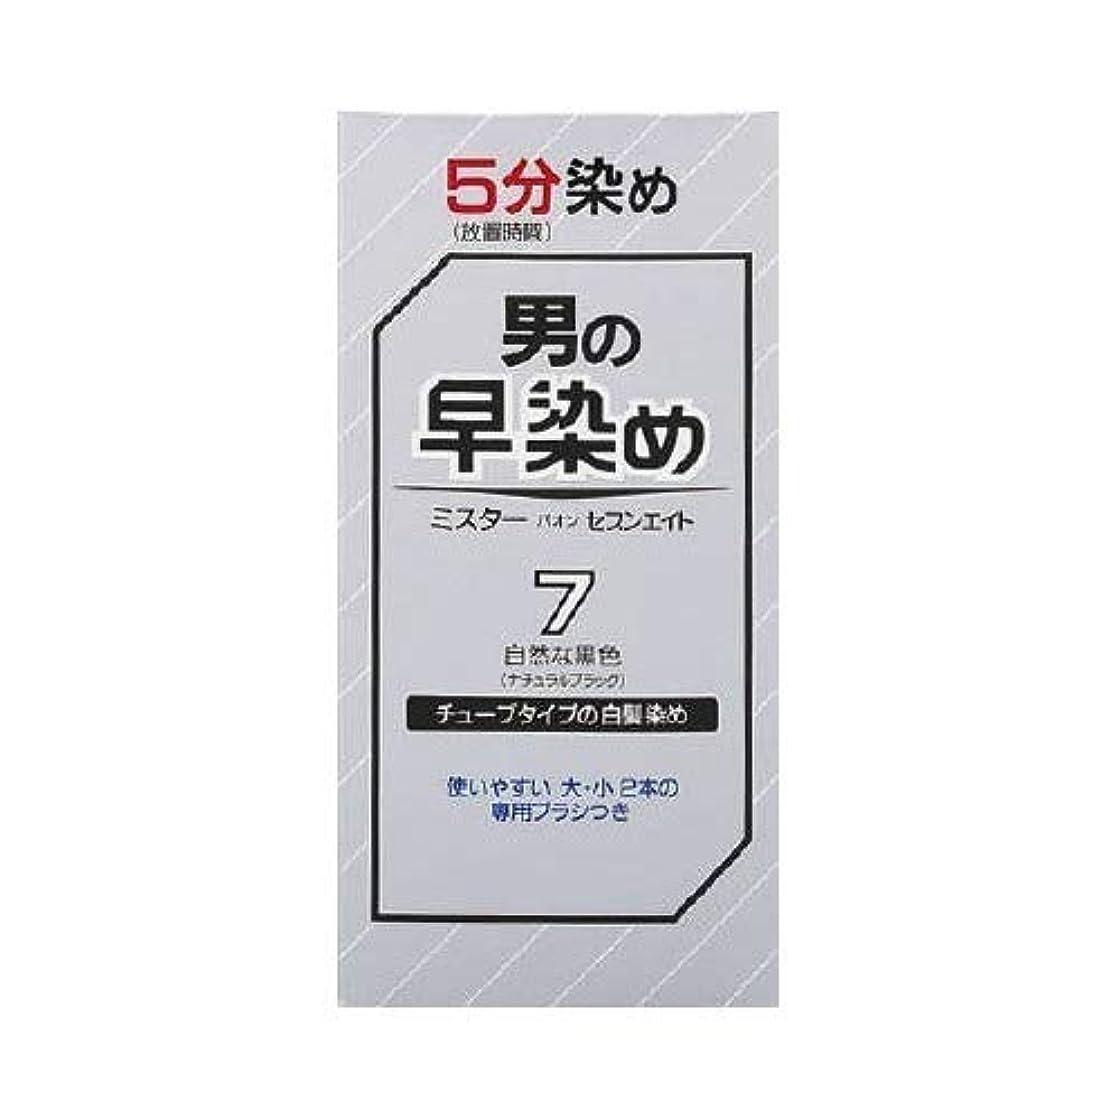 欠乏印象的な拮抗ミスターパオンセブンエイト 7(1セット)